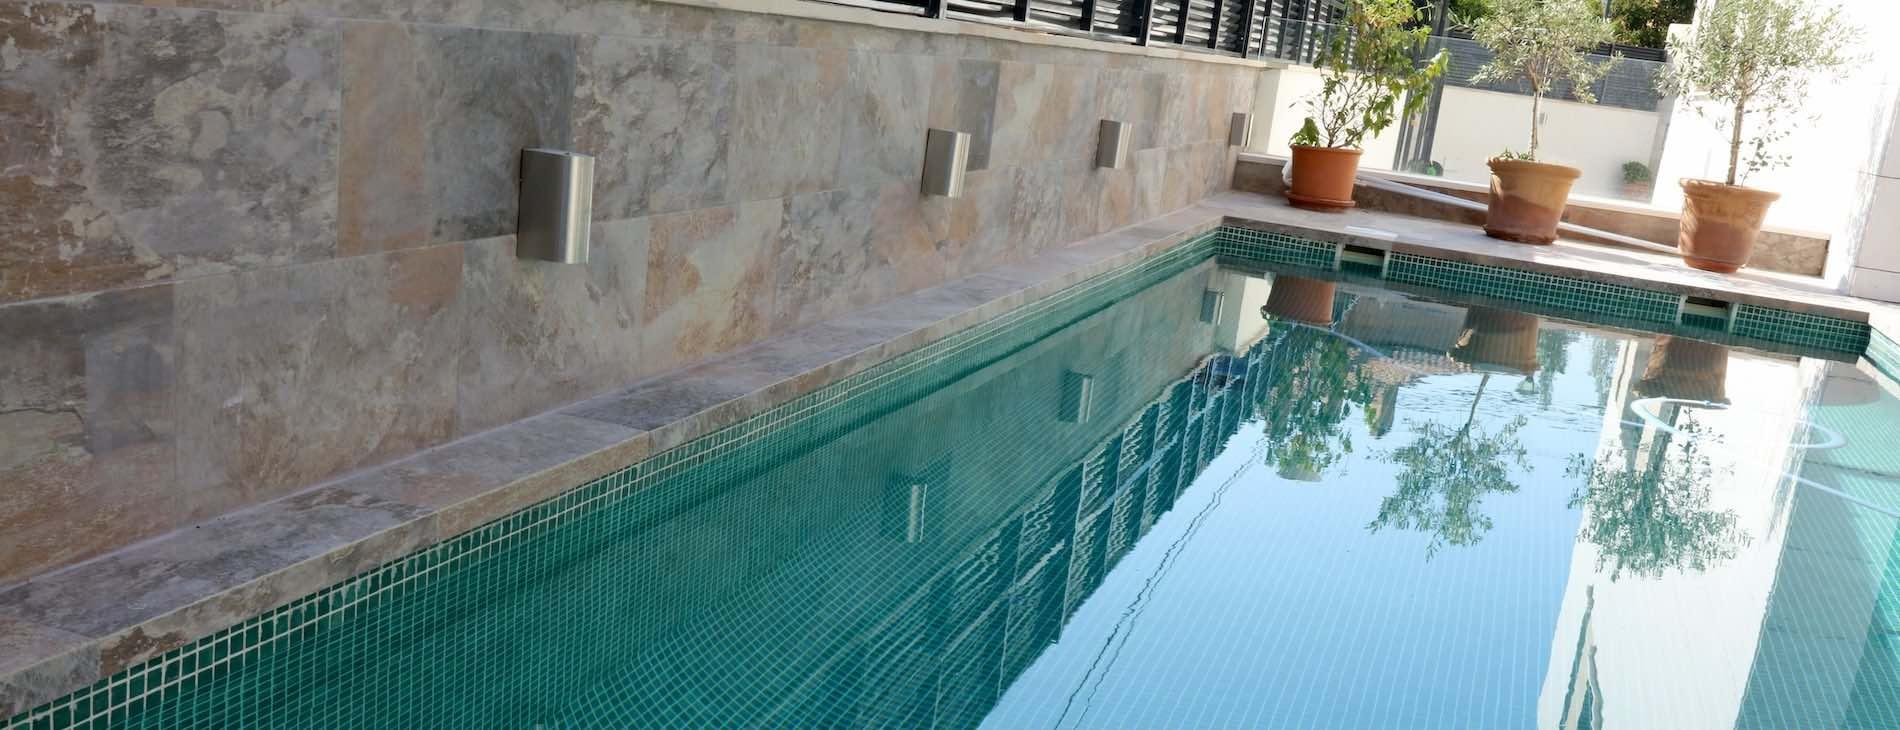 Construcción Vivienda Madrid | Empresa Constructora Madrid | Constructora Vivienda Madrid